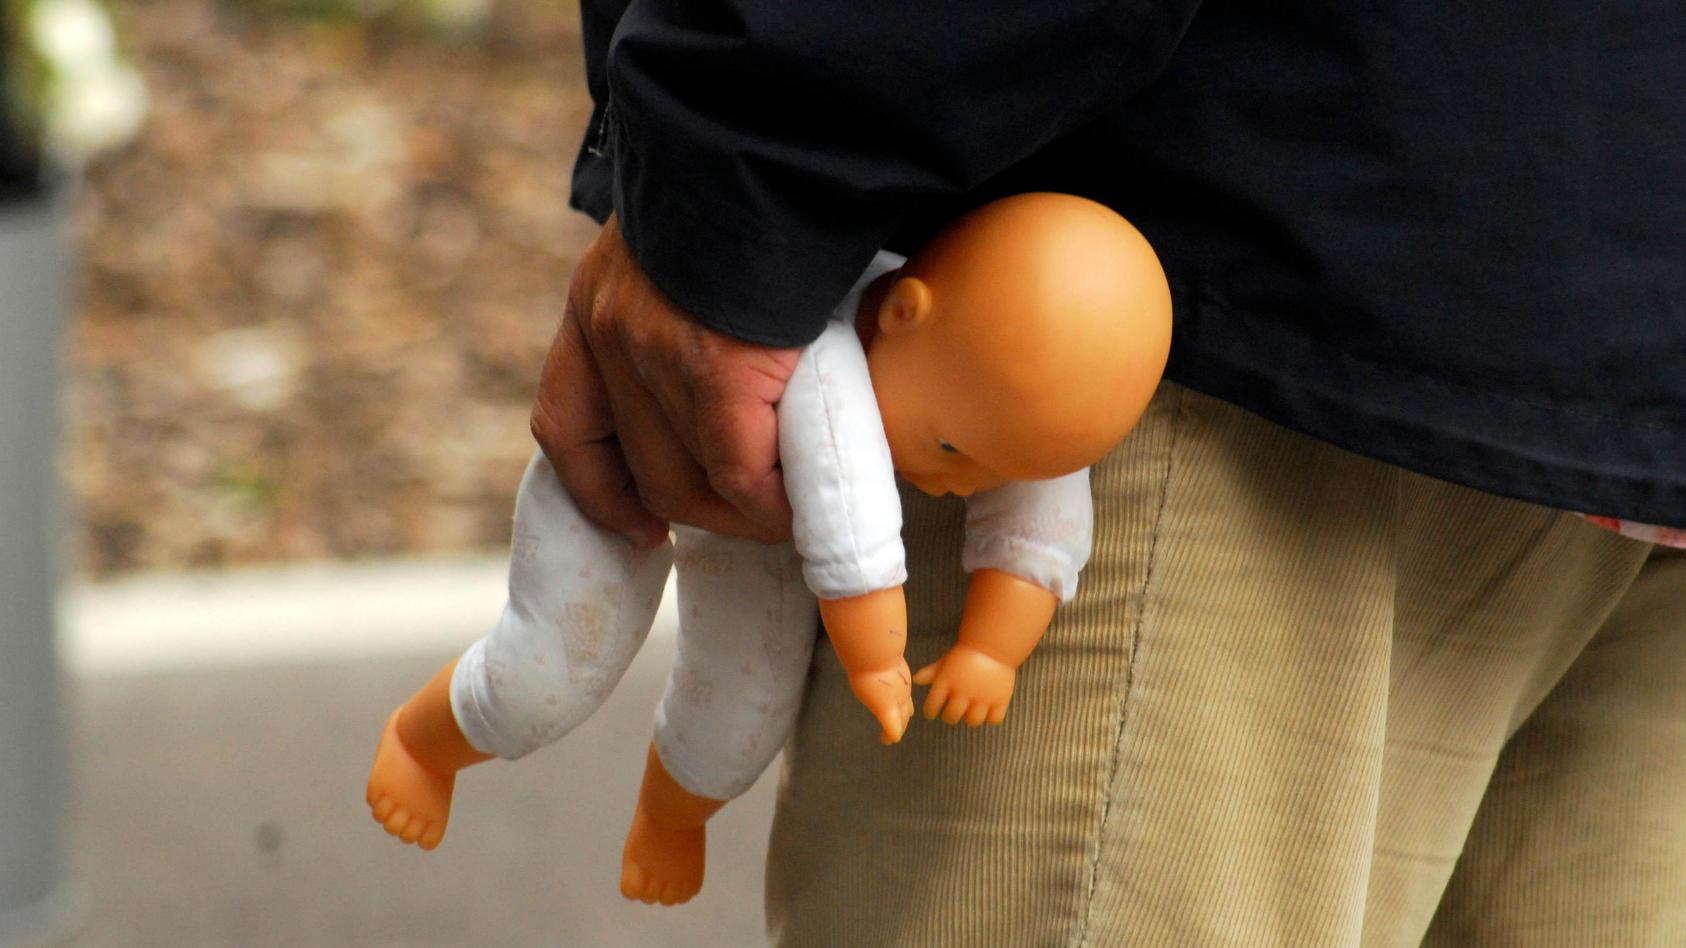 Künftig soll Kindesmissbrauch mit mindestens einem Jahr Gefängnis bestraft werden.